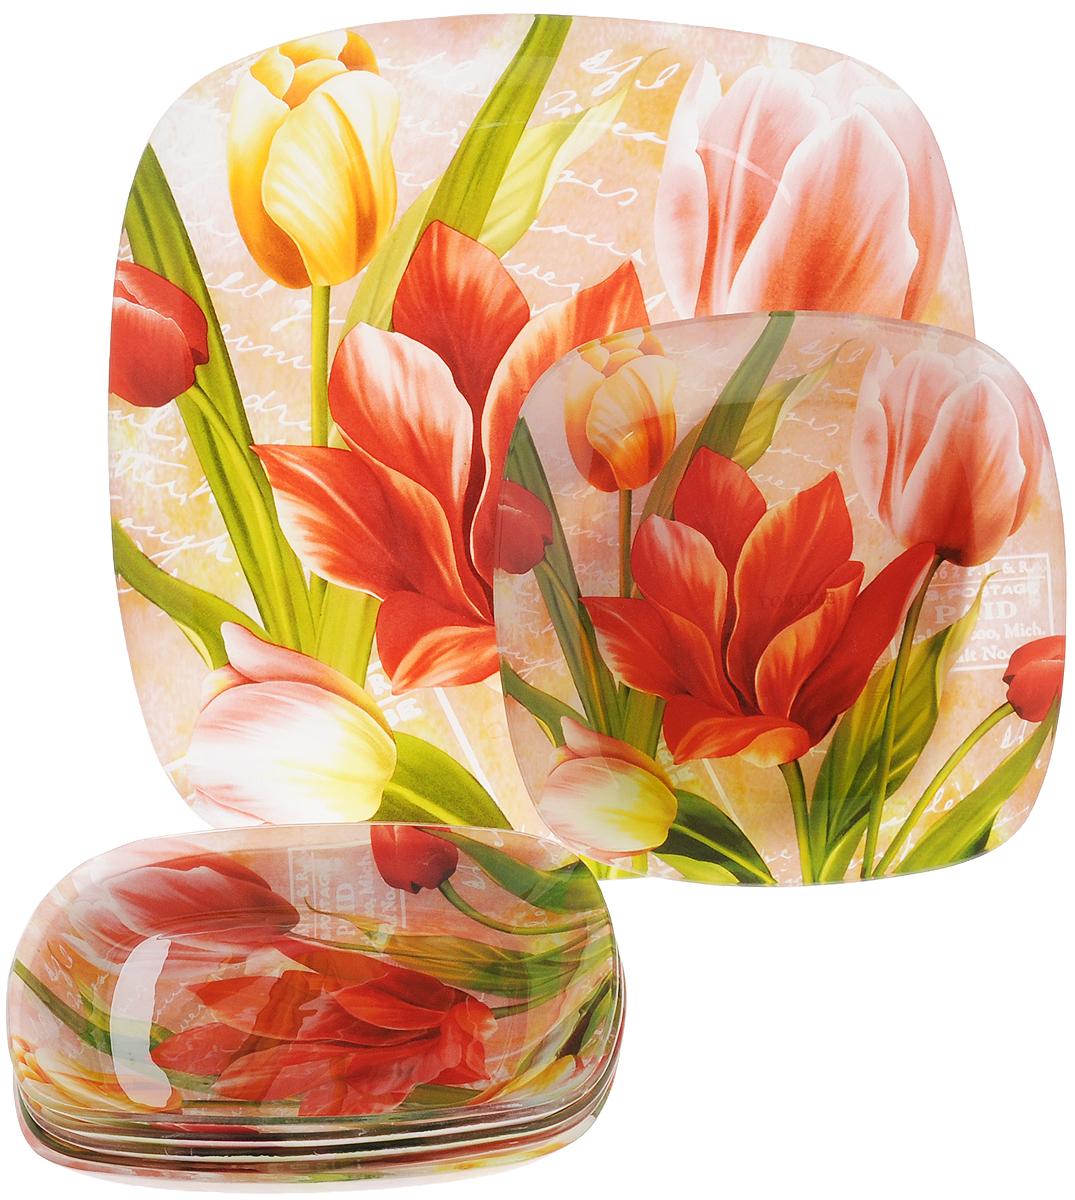 Набор посуды Loraine, 7 предметов. 2391523915Набор Loraine, выполненный из закаленного стекла, состоит из шести тарелок и блюда. Тарелки декорированы ярким цветочным рисунком. Они сочетают в себе изысканный дизайн с максимальной функциональностью. Оригинальность оформления тарелок придется по вкусу и ценителям классики, и тем, кто предпочитает утонченность и изящность. Набор посуды послужит отличным подарком к любому празднику. Можно мыть в посудомоечной машине. Размер тарелки: 19,5 х 19,5 см. Размер блюда: 30 х 30 см.